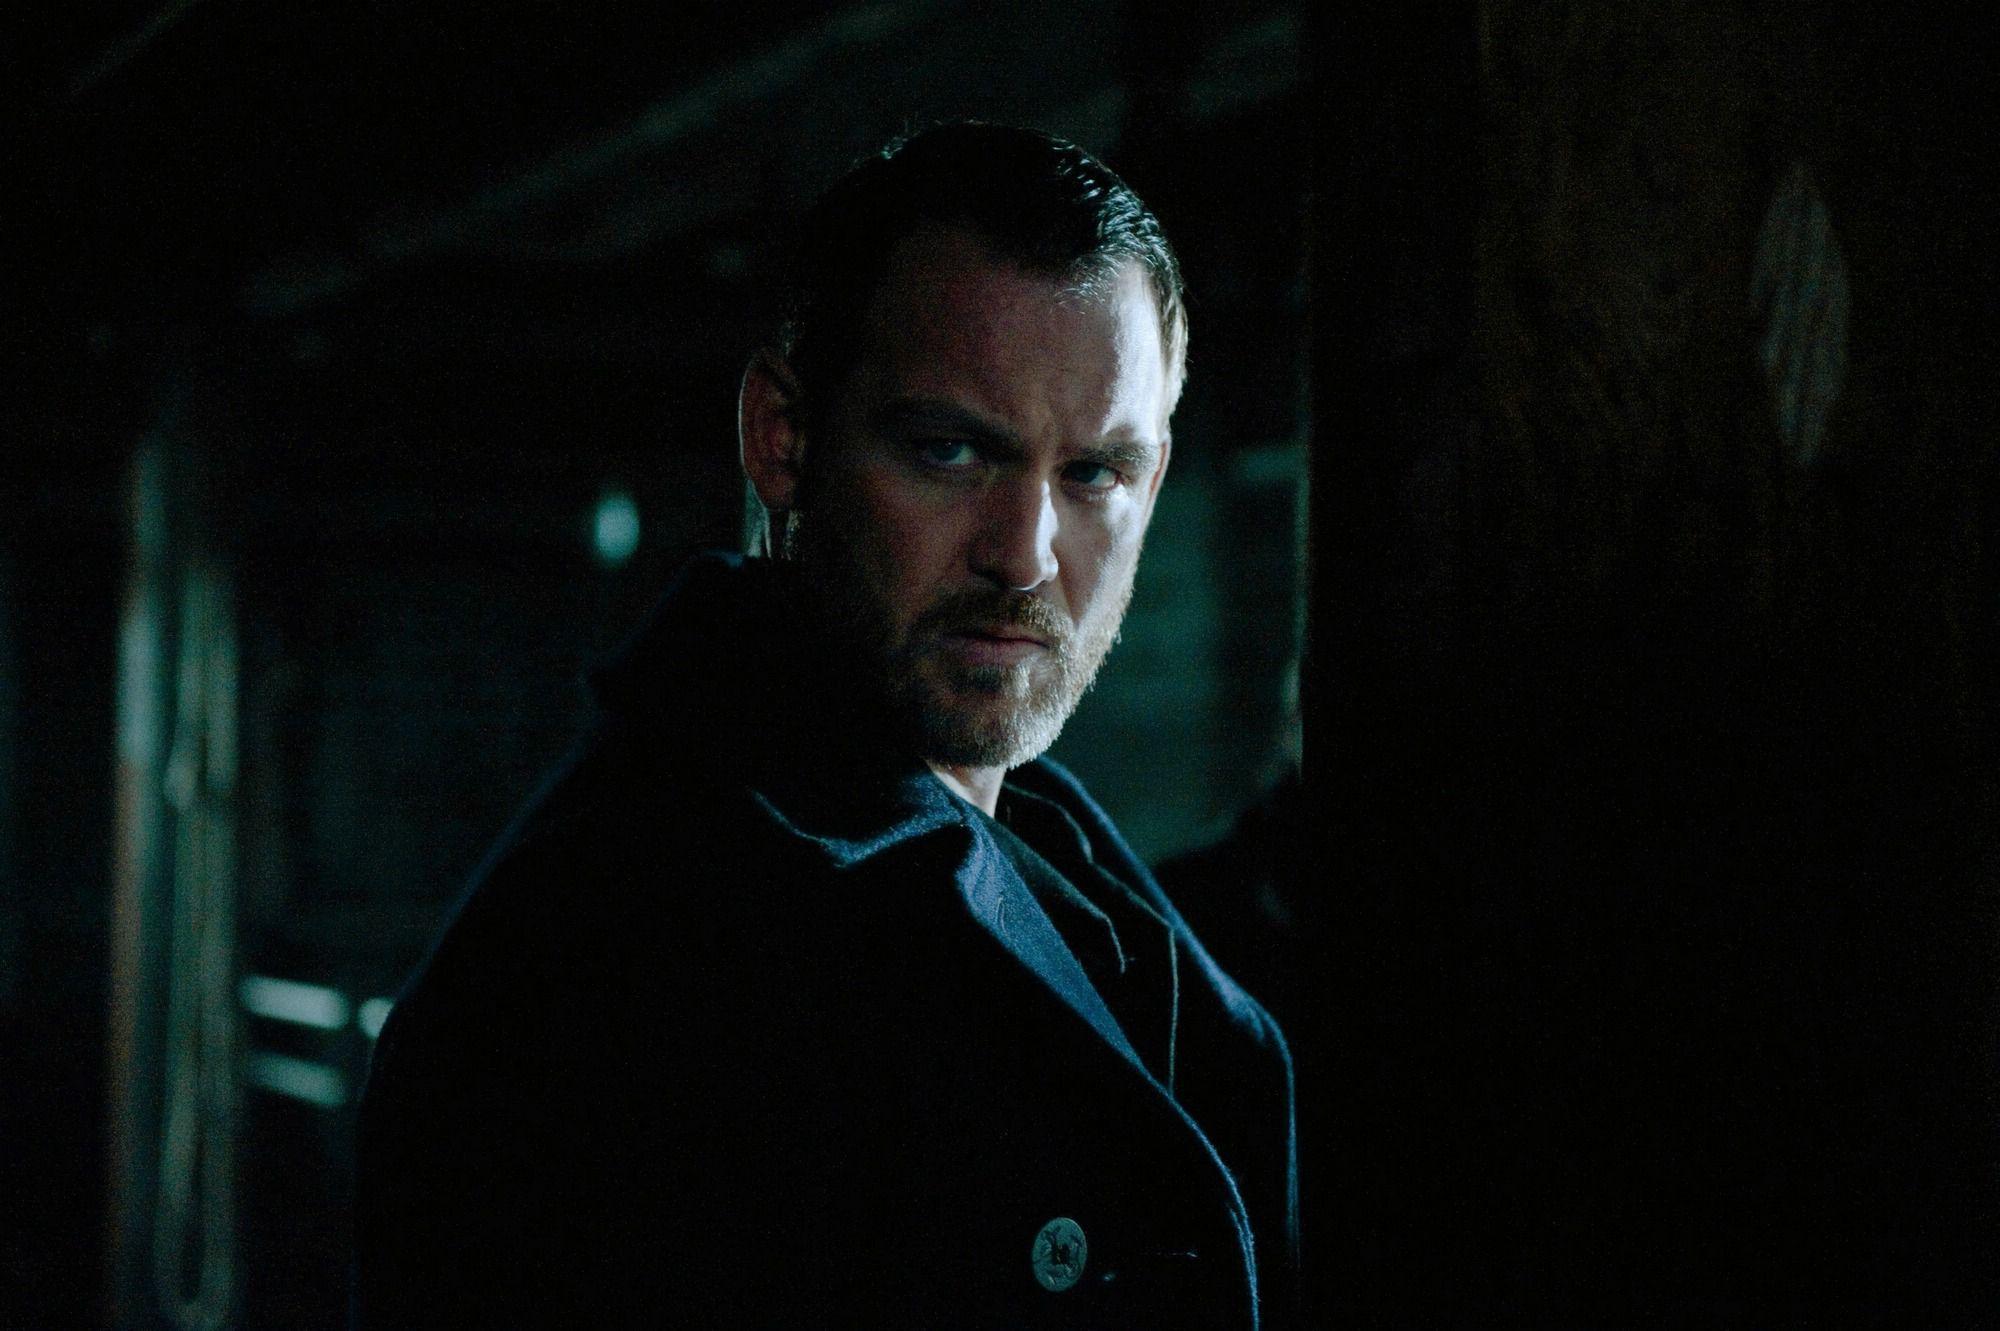 смотреть онлайн 11 сезон 13 серия сверхъестественное